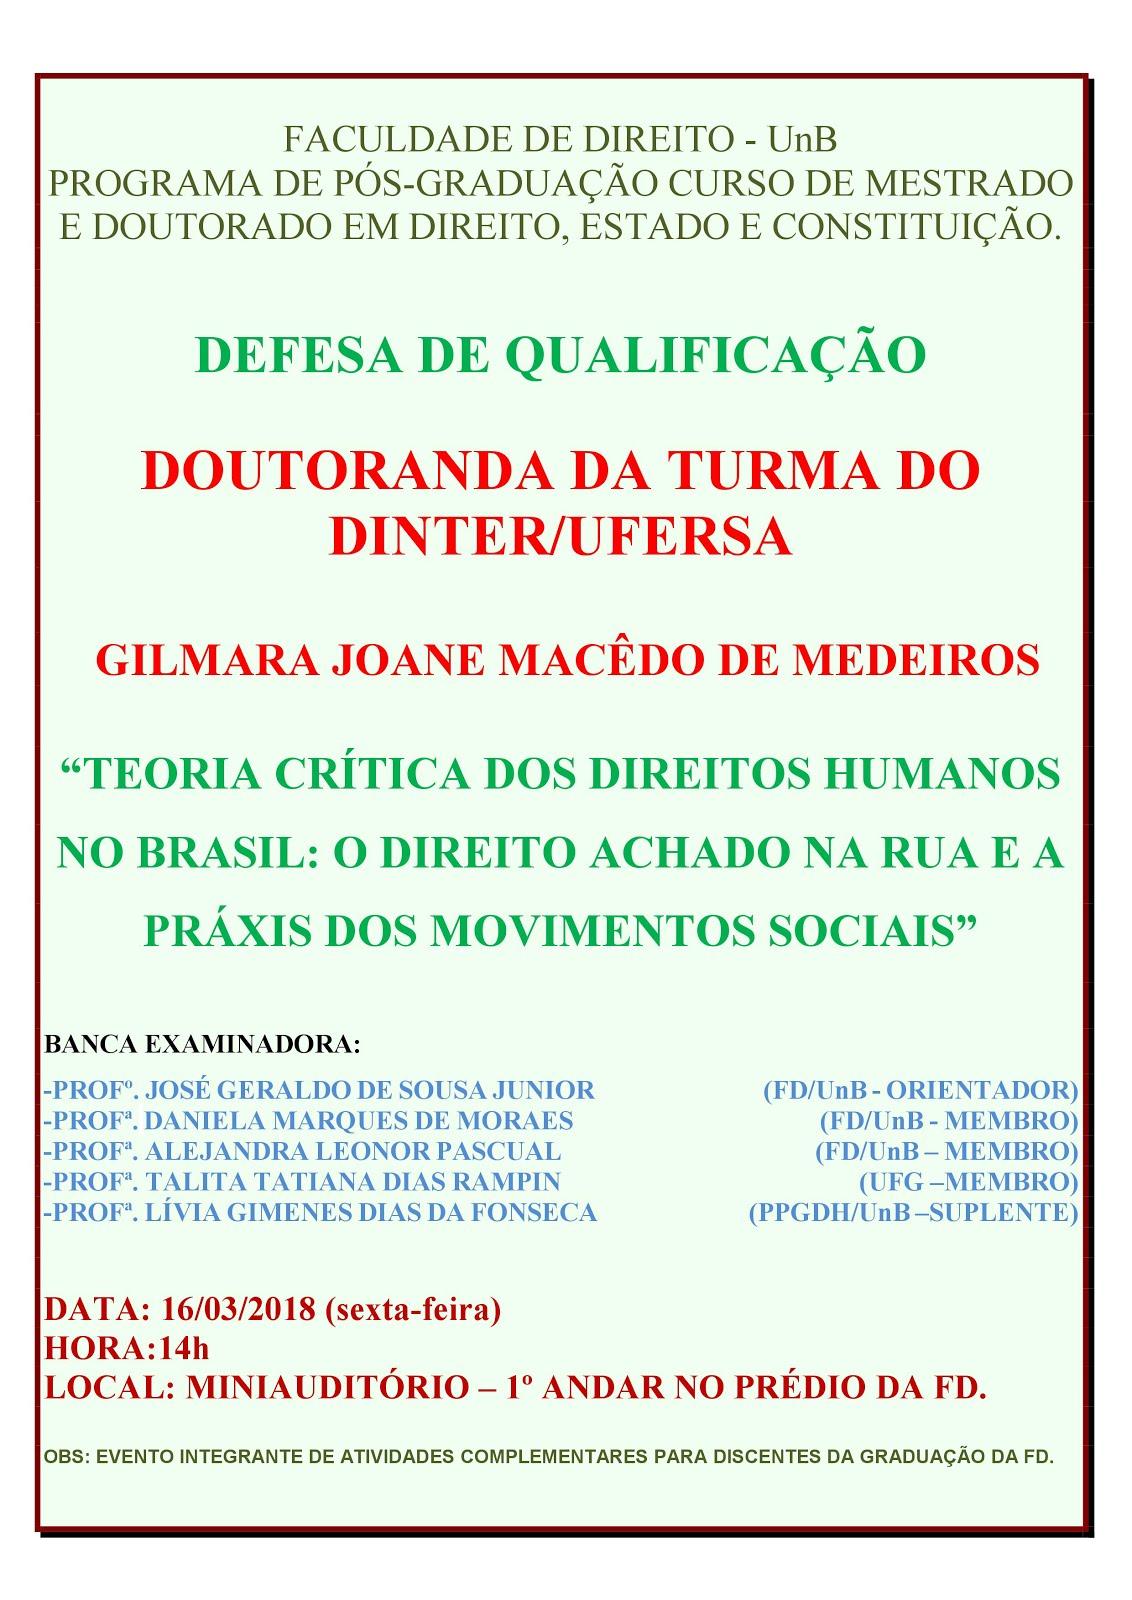 Convite para qualificação de Tese de Doutorado